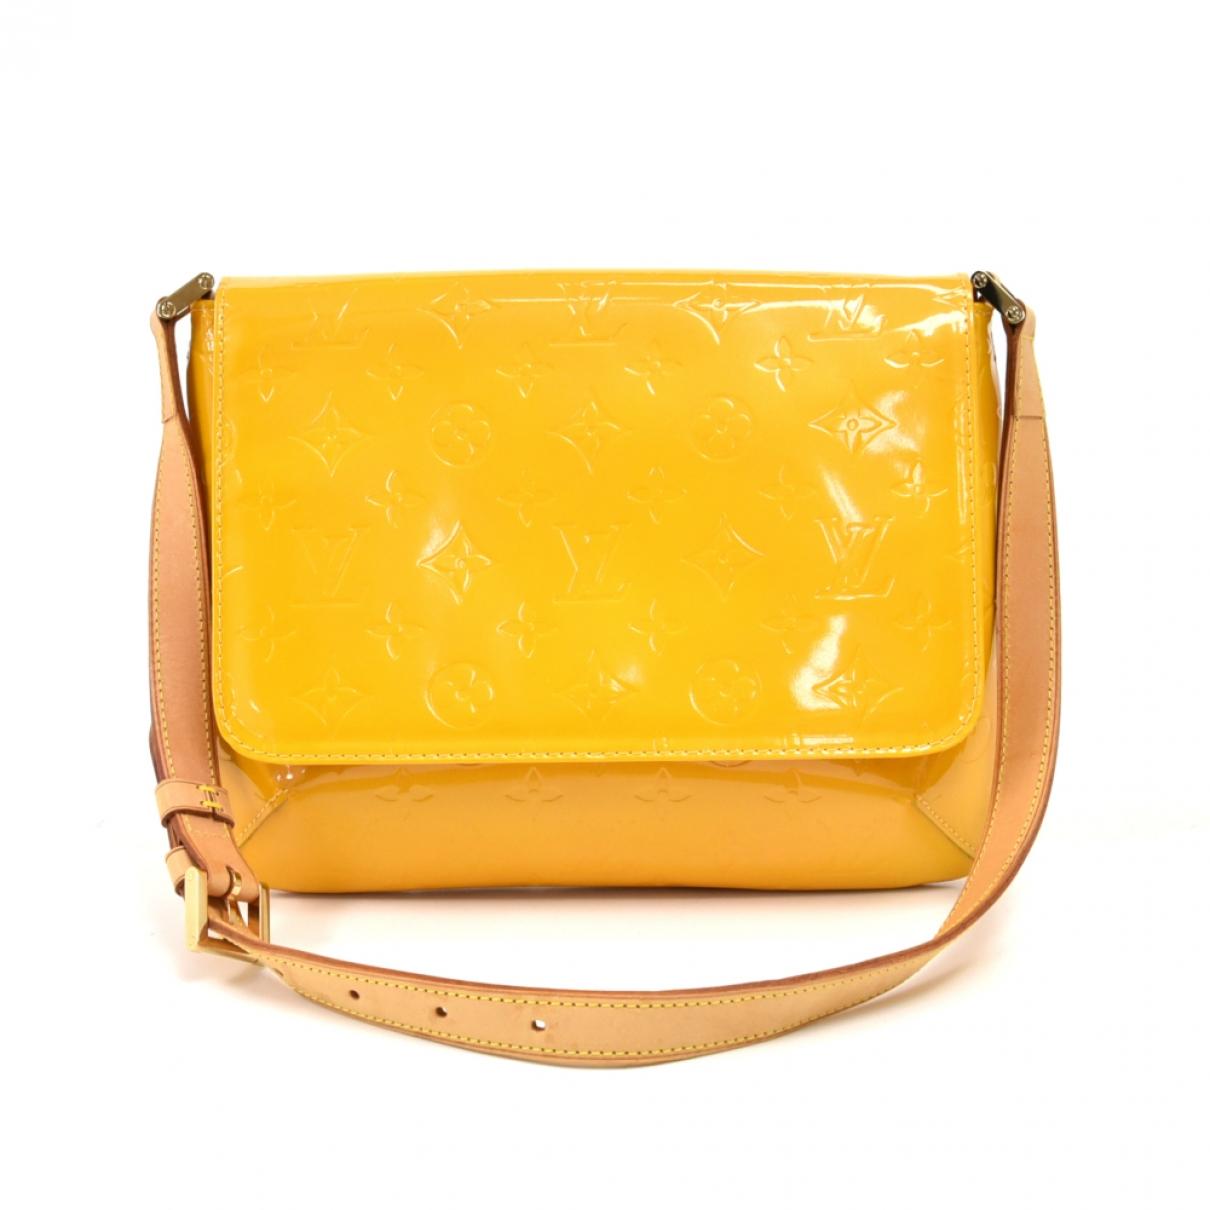 Louis Vuitton Thompson Handtasche in  Gelb Lackleder